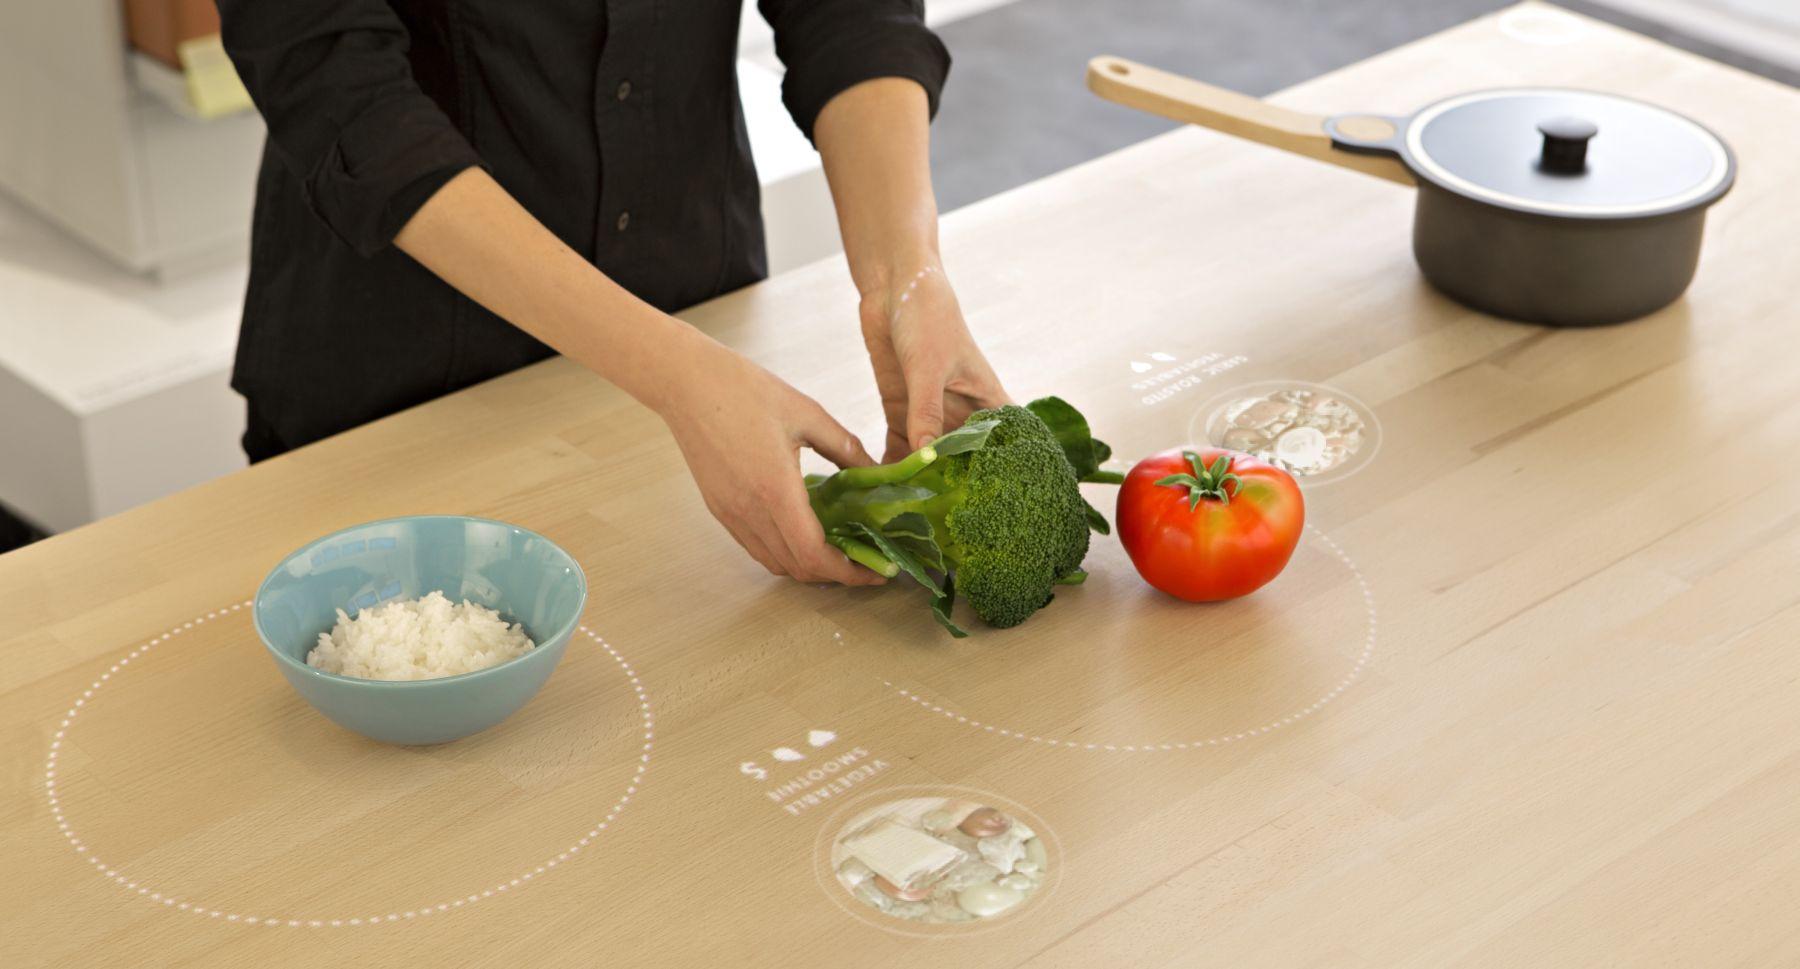 Vernetzte Küche - besser Essen und gesünder leben - Vernetzte Welt